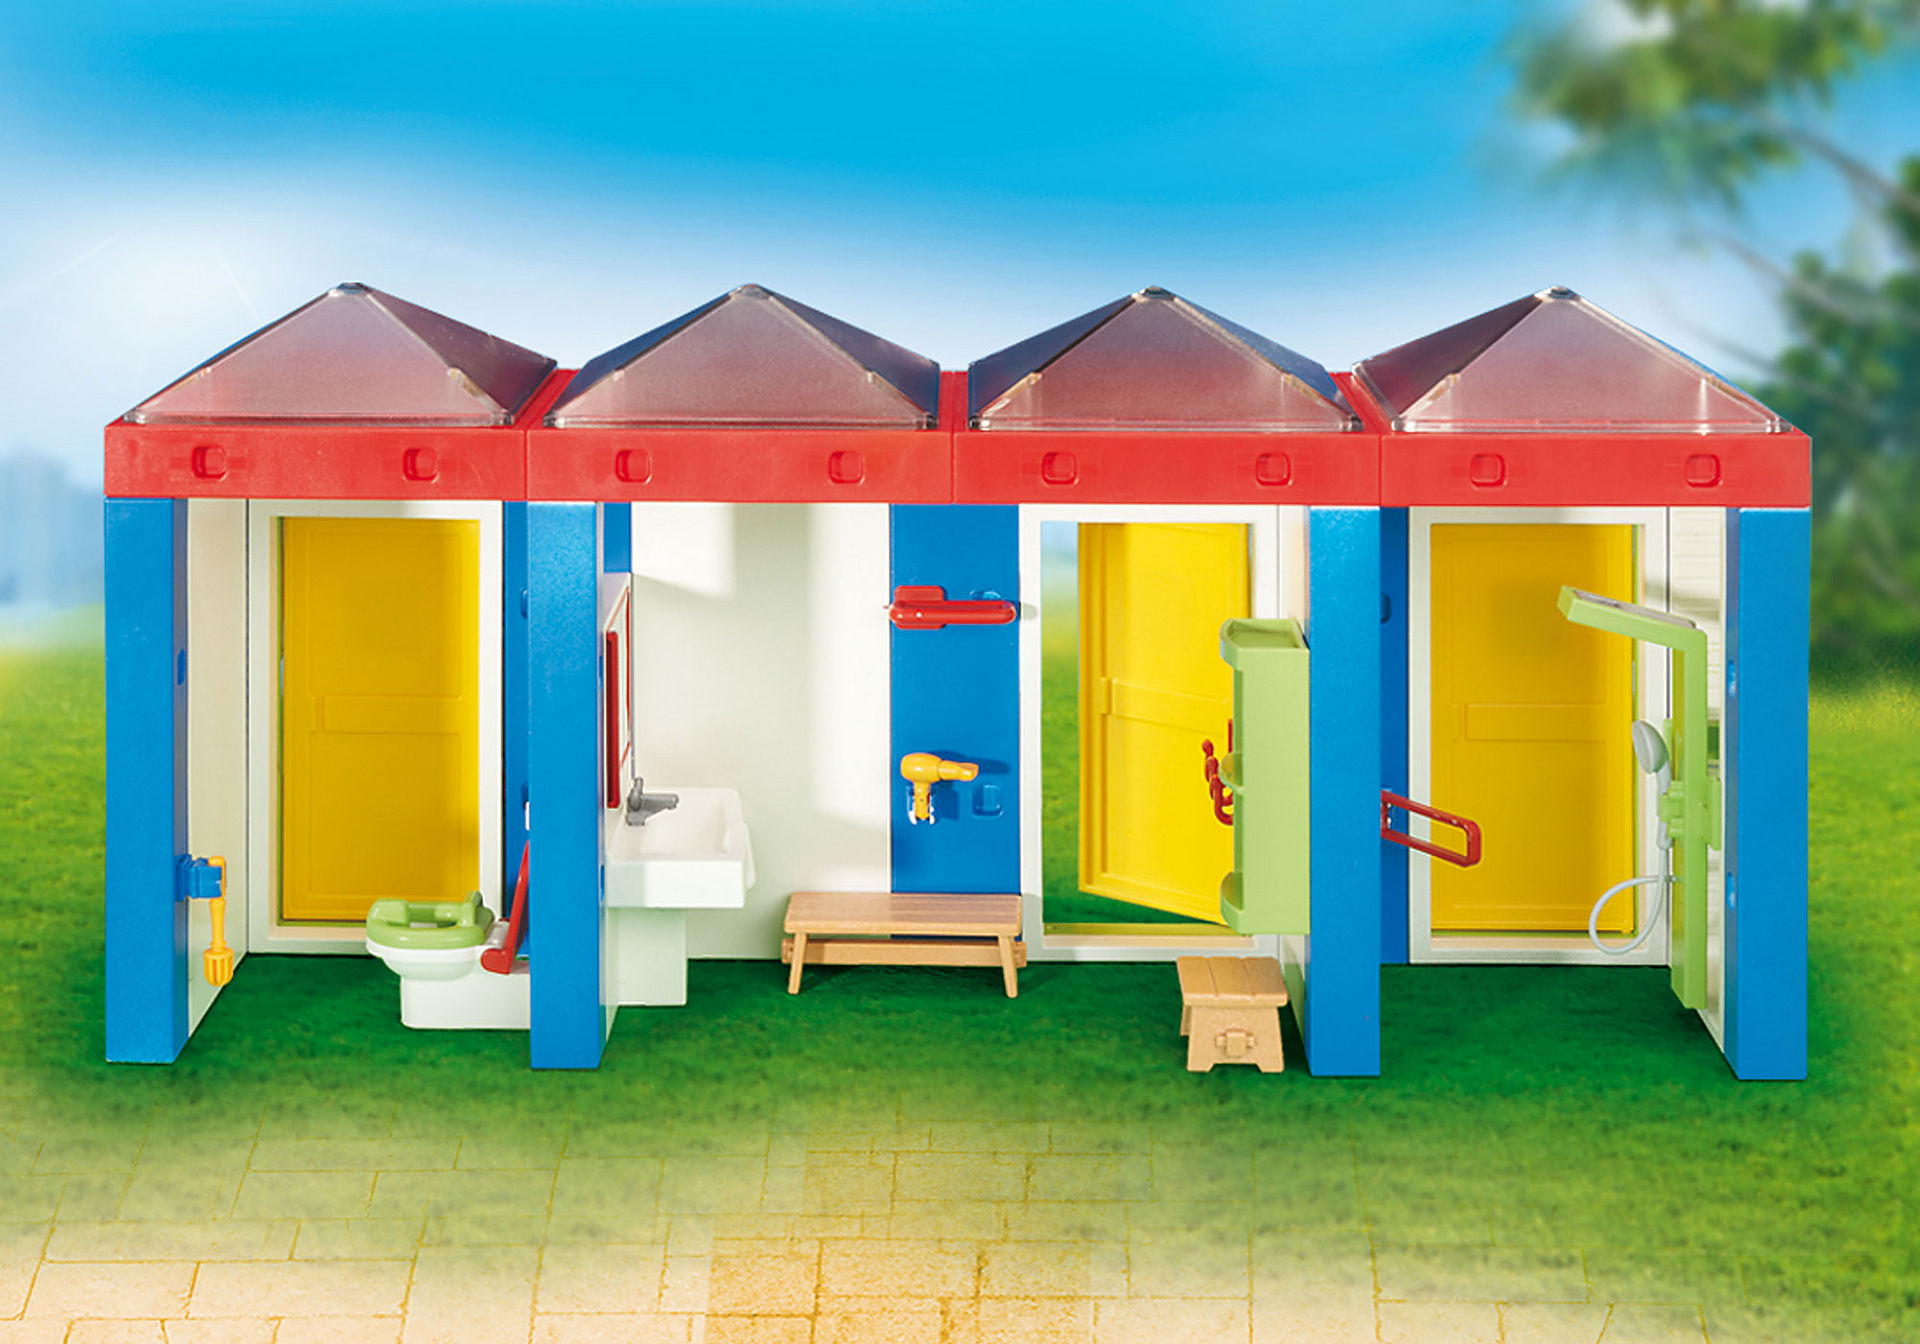 6450 Sanitær bygning Aquapark zoom image1